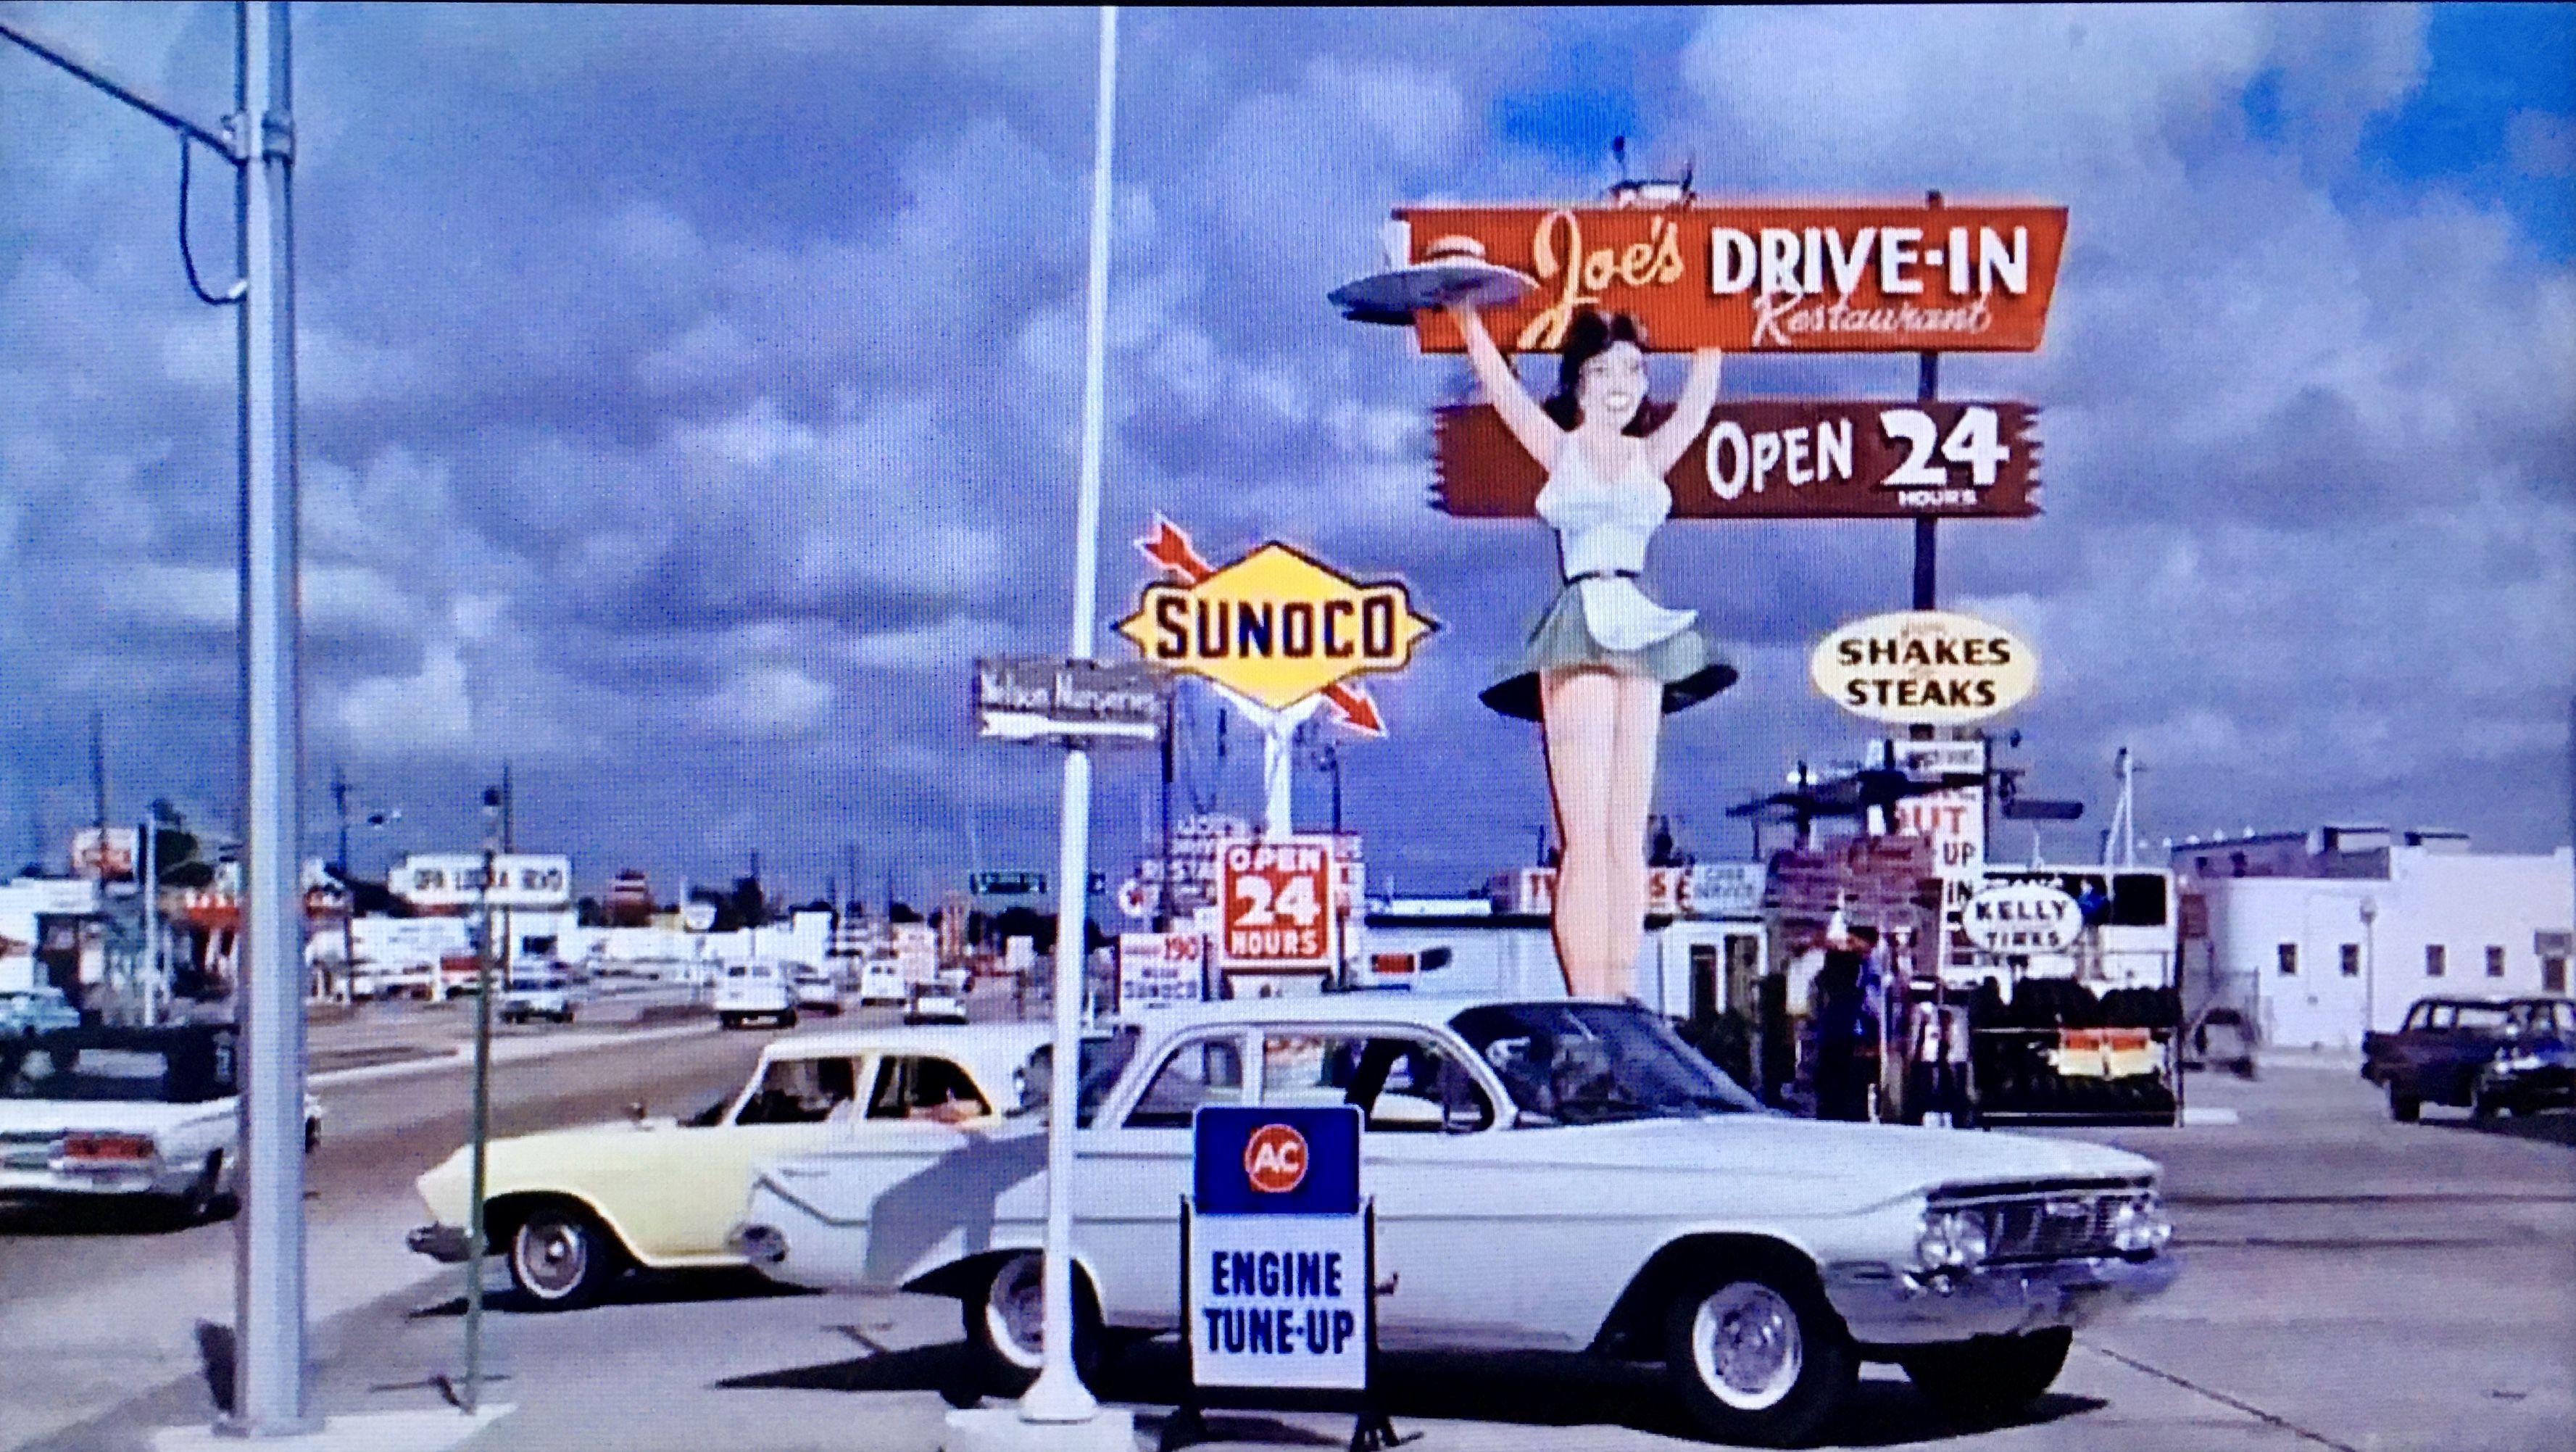 60 S Usa Scene From 007 Gold Finger 2020